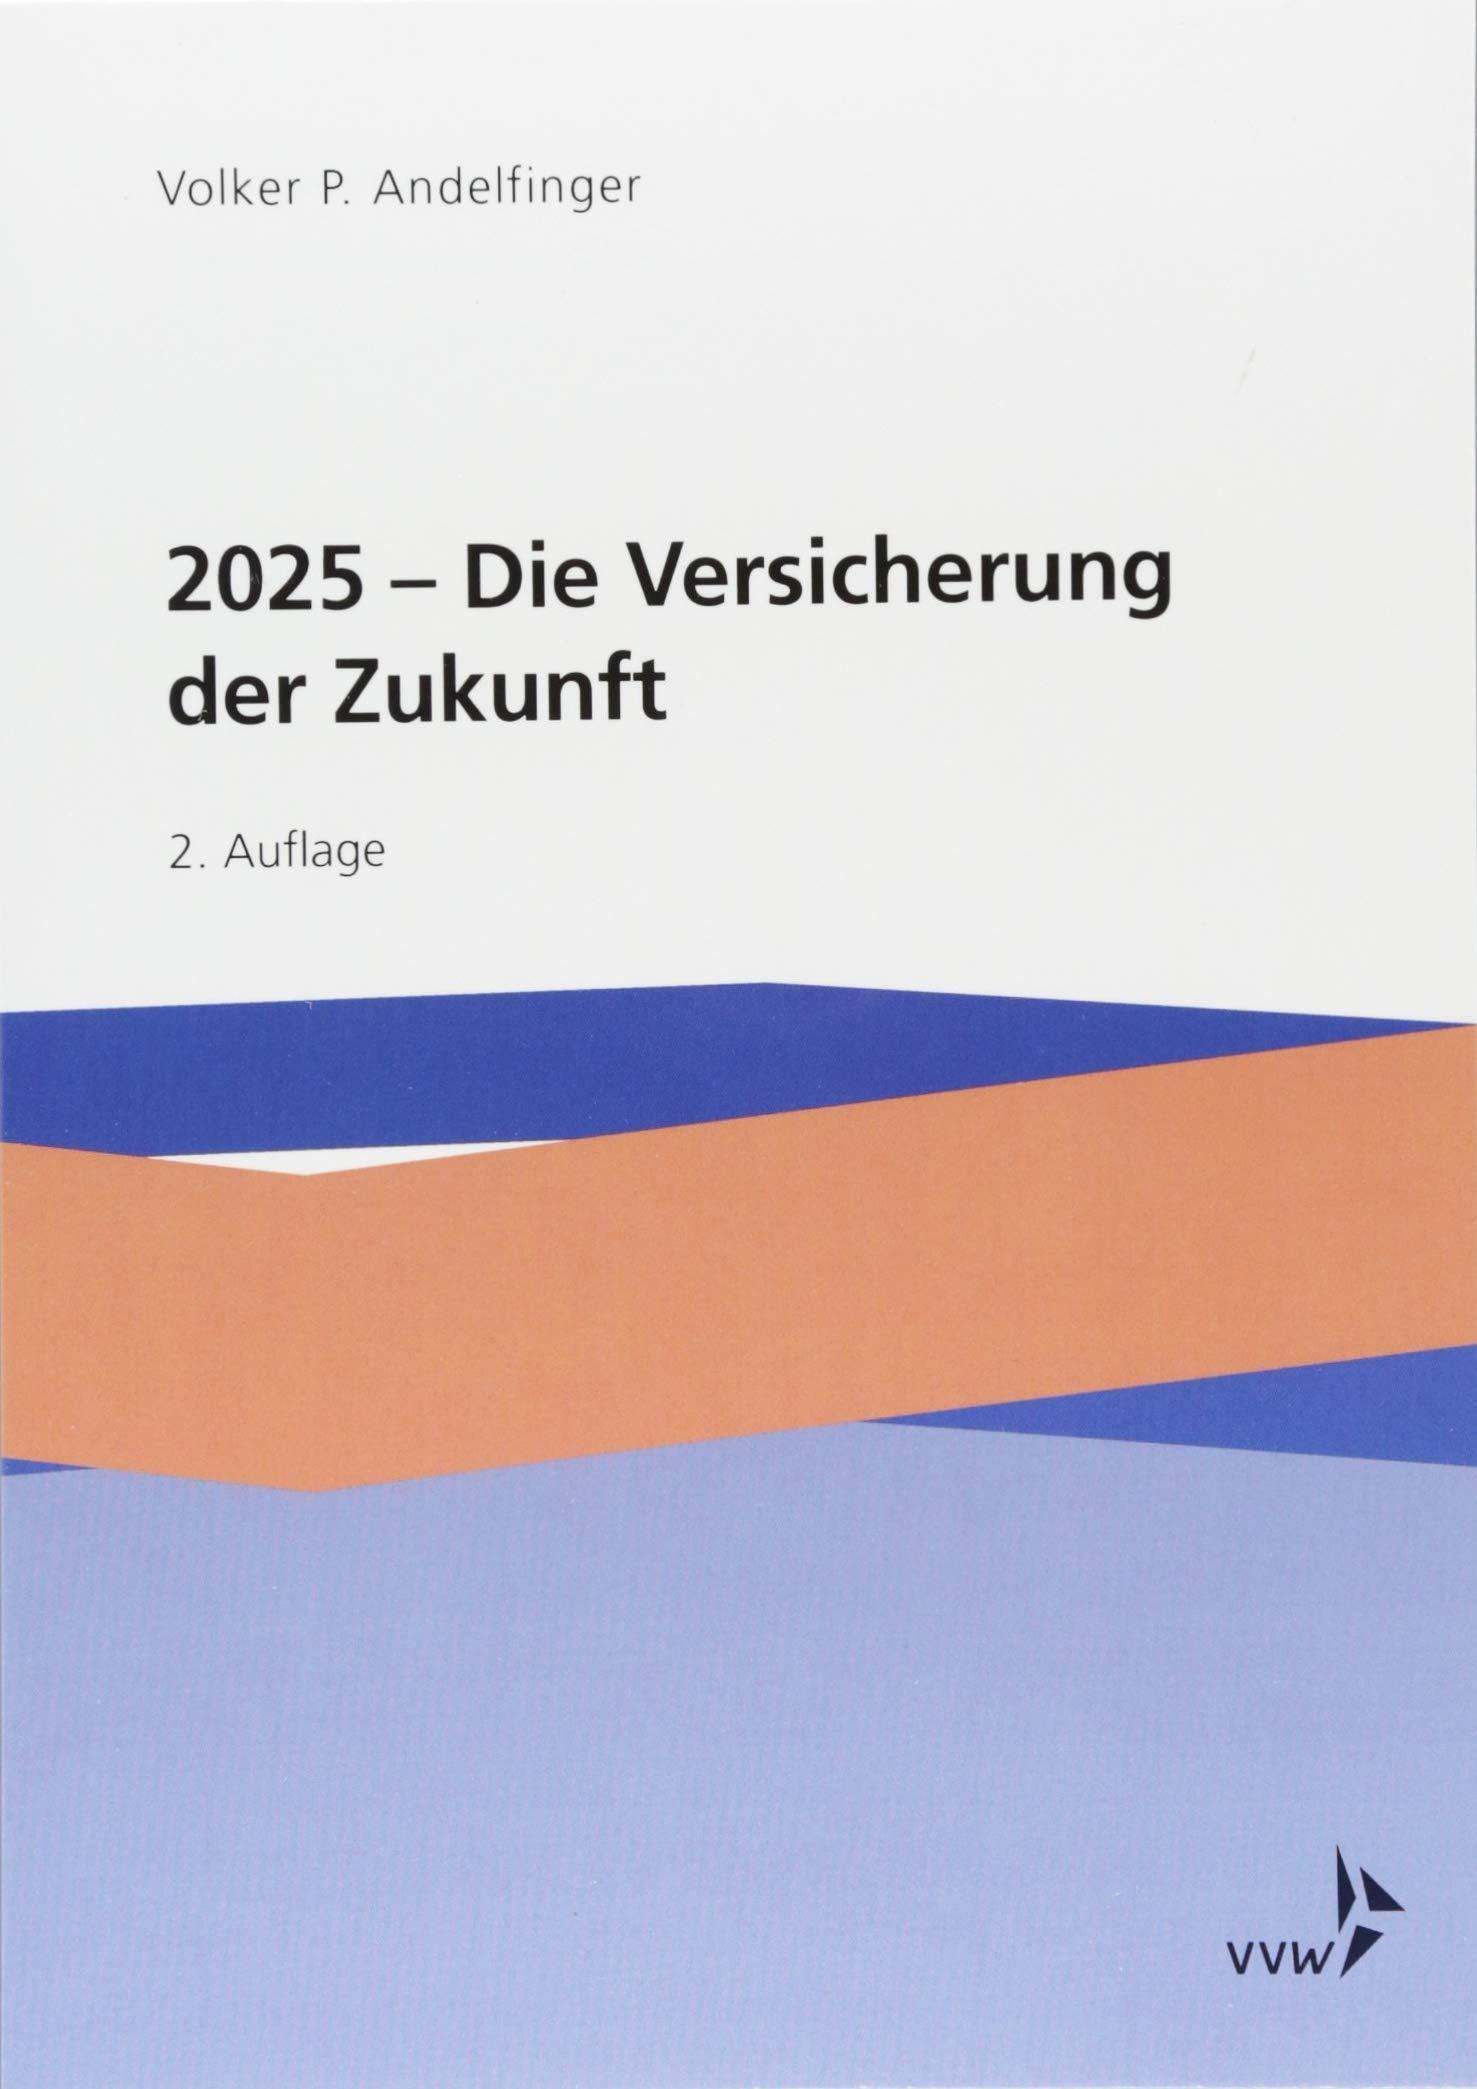 2025 - Die Versicherung der Zukunft Taschenbuch – 25. Juni 2018 Volker P. Andelfinger VVW GmbH 3899529111 Wirtschaft / Management